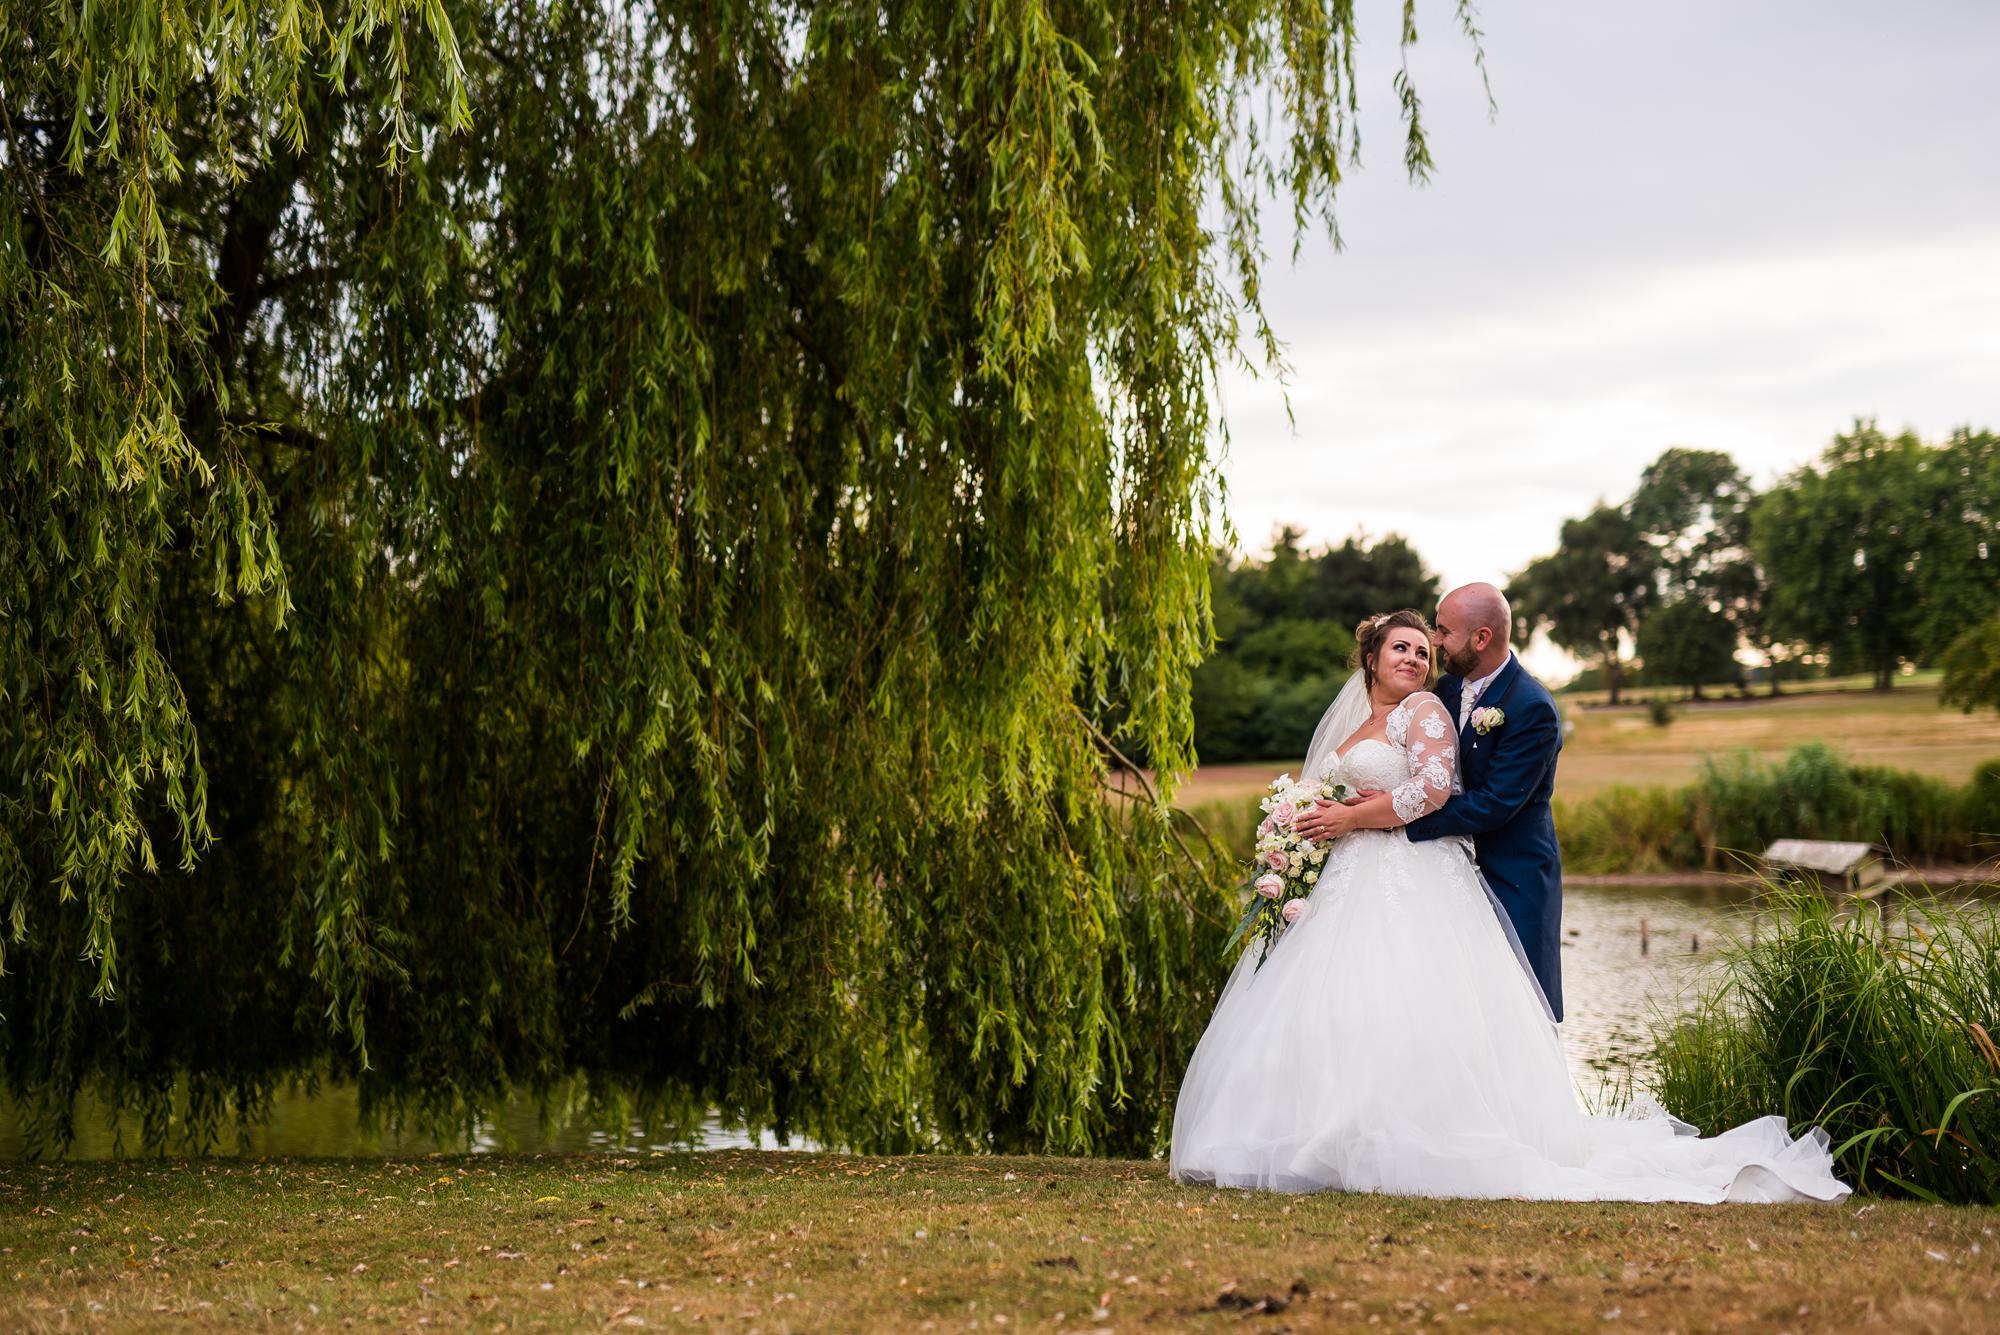 Roise and John wedding photos (326 of 383).jpg